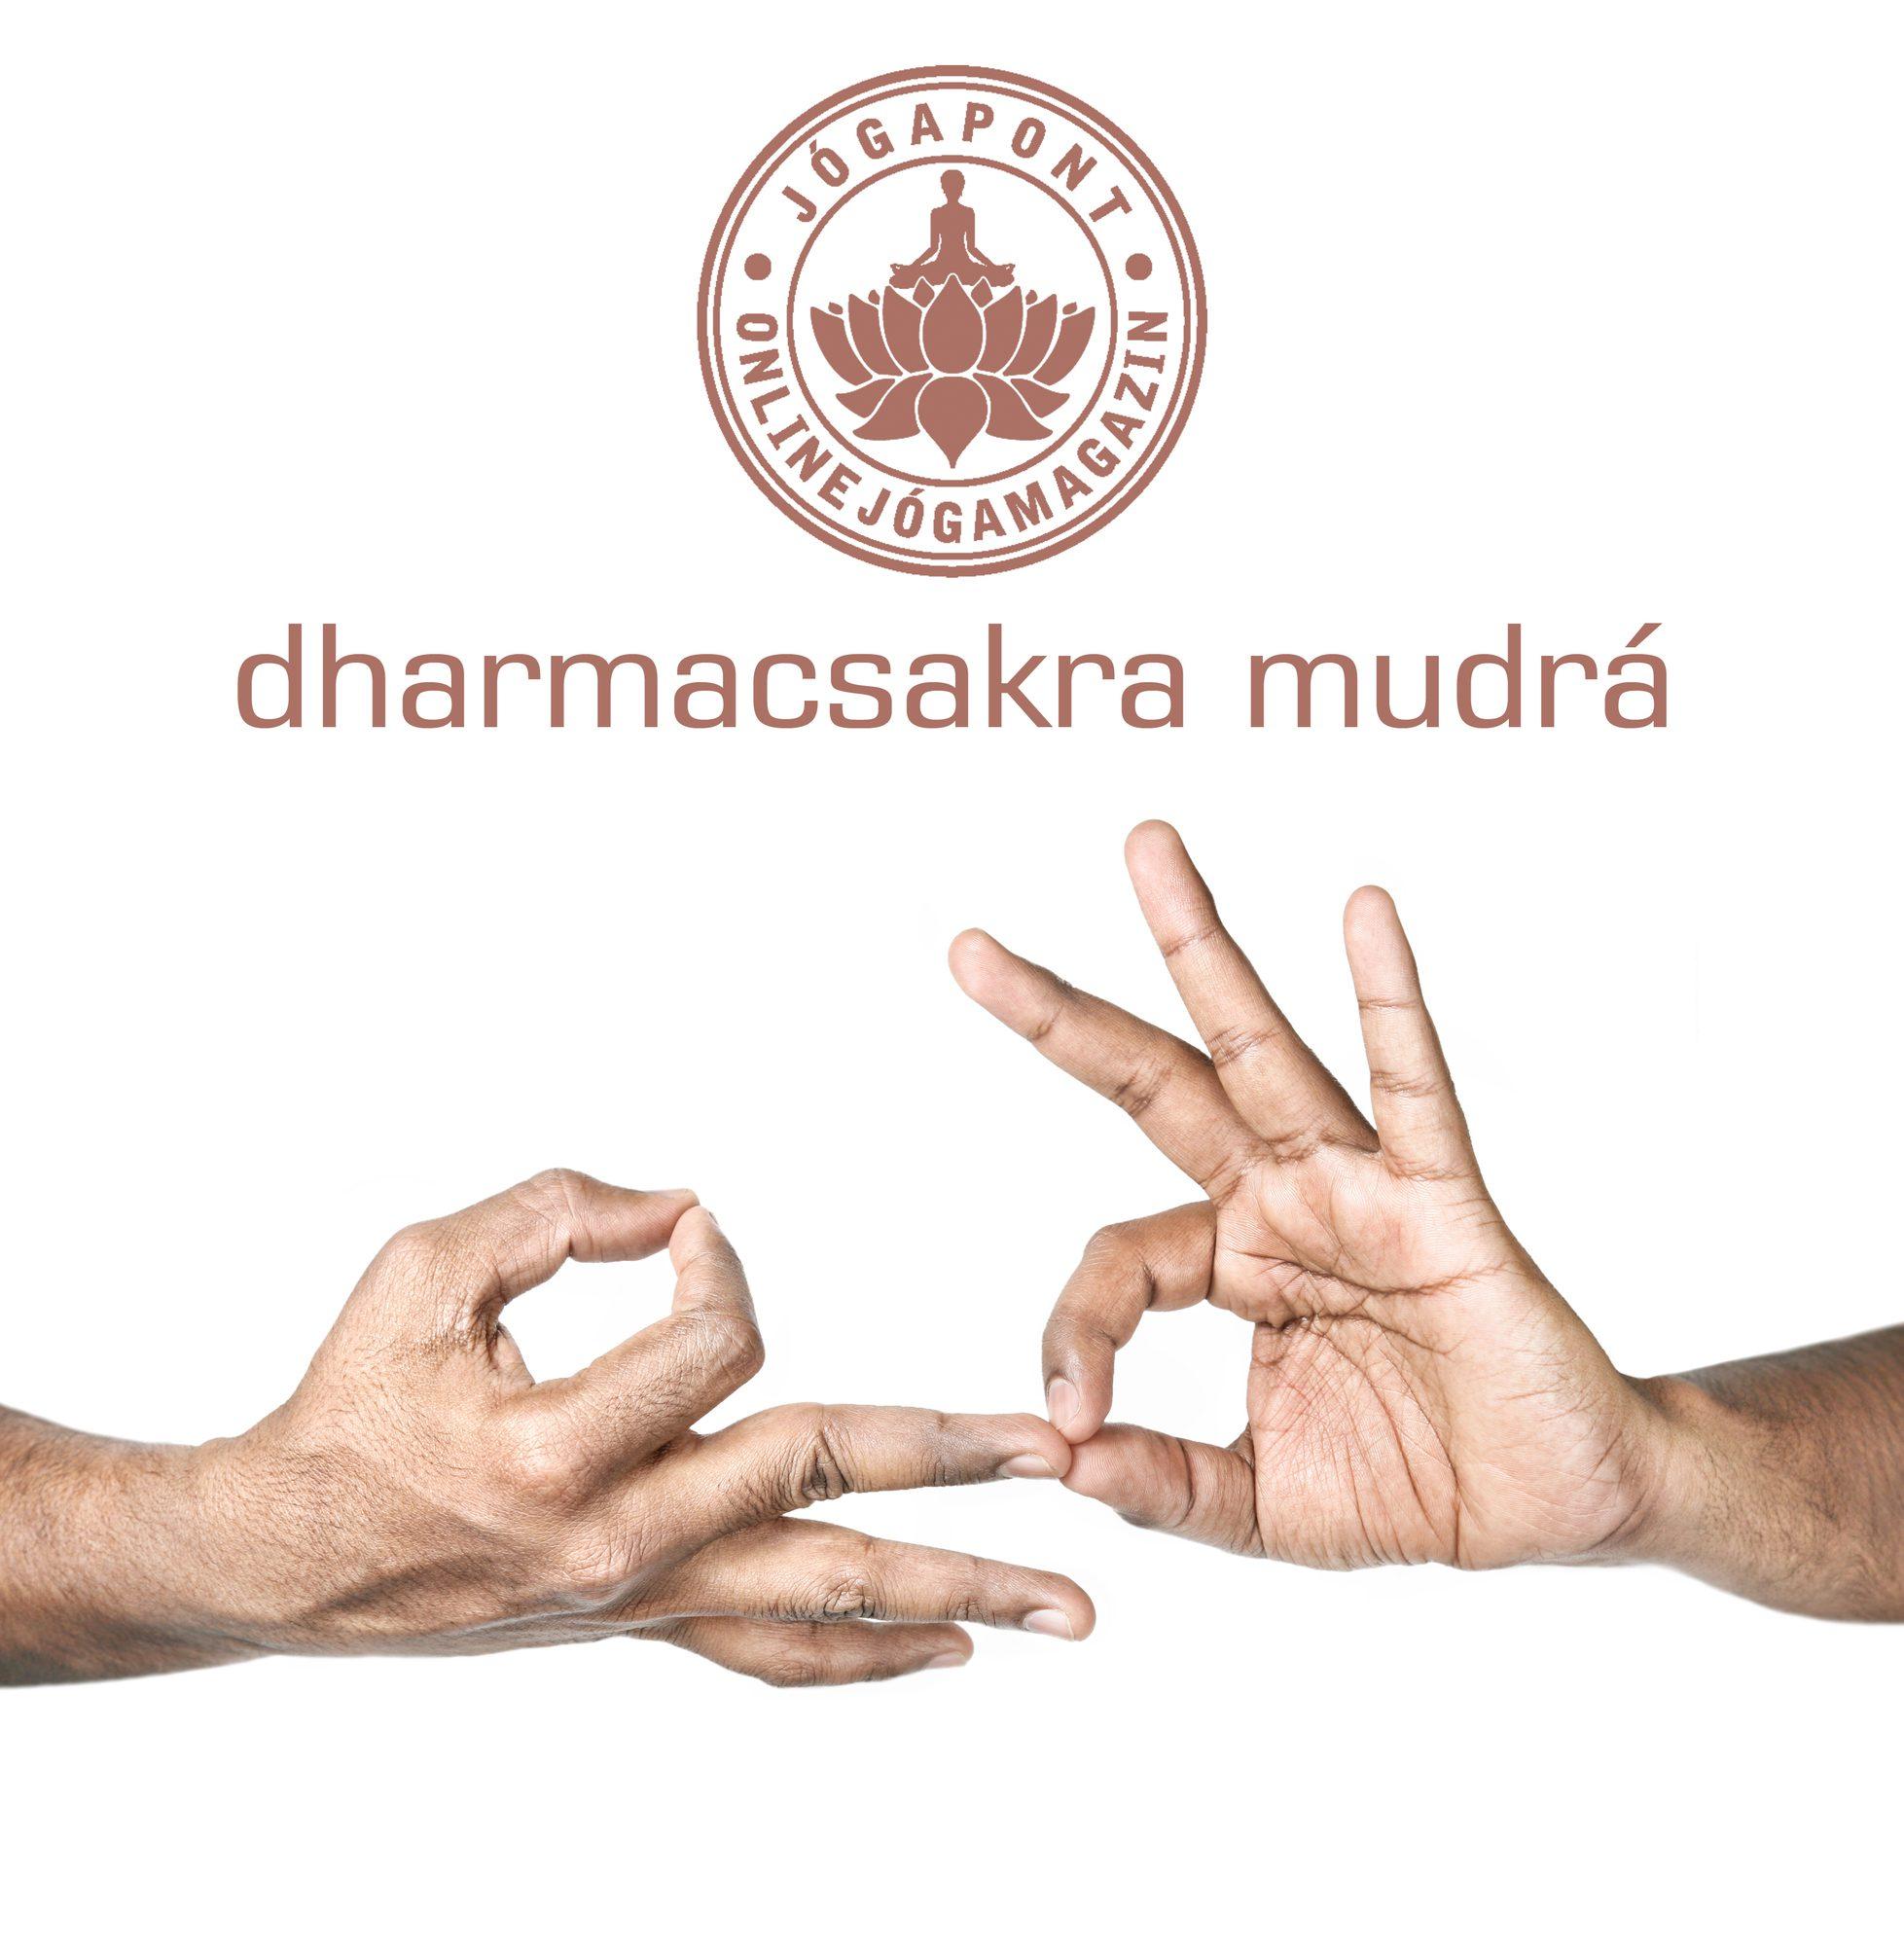 Dharmacsakra mudrá